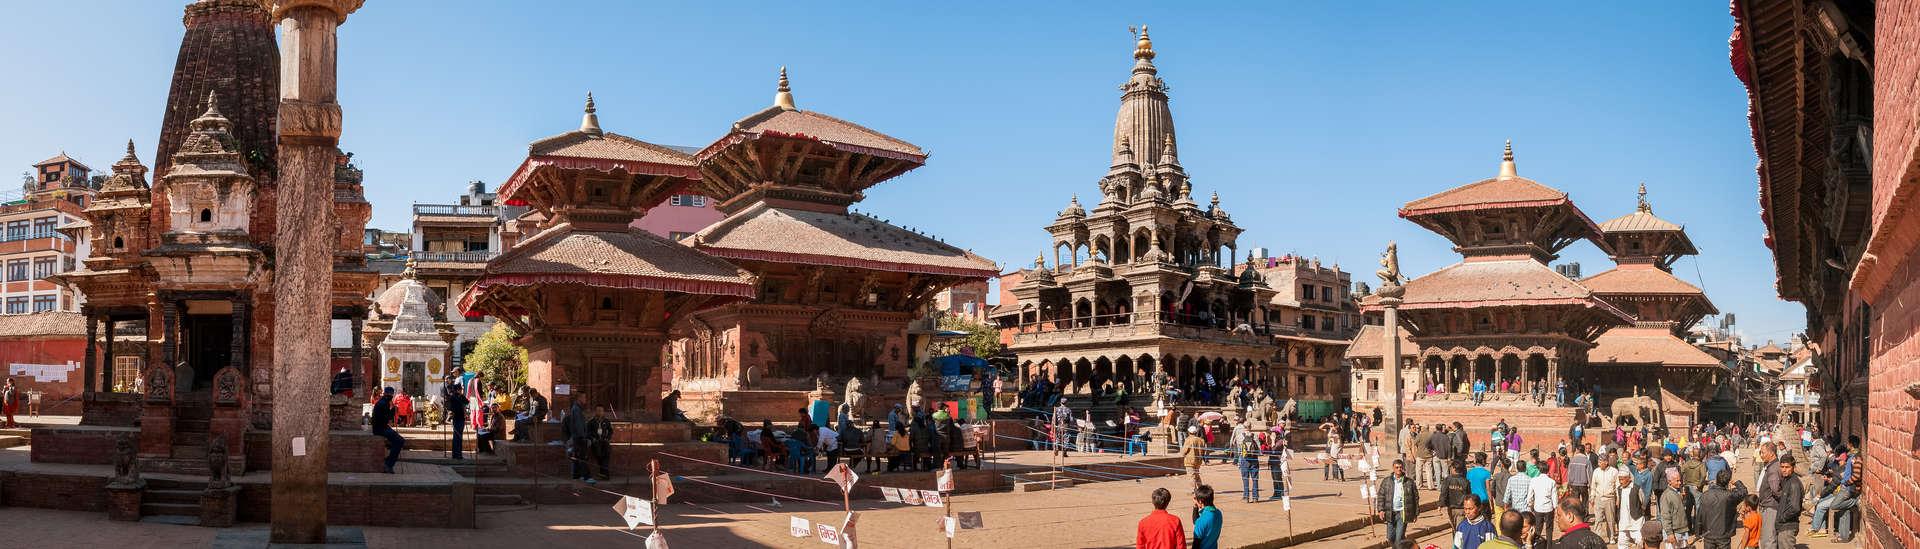 Nepal.2013-956.jpg